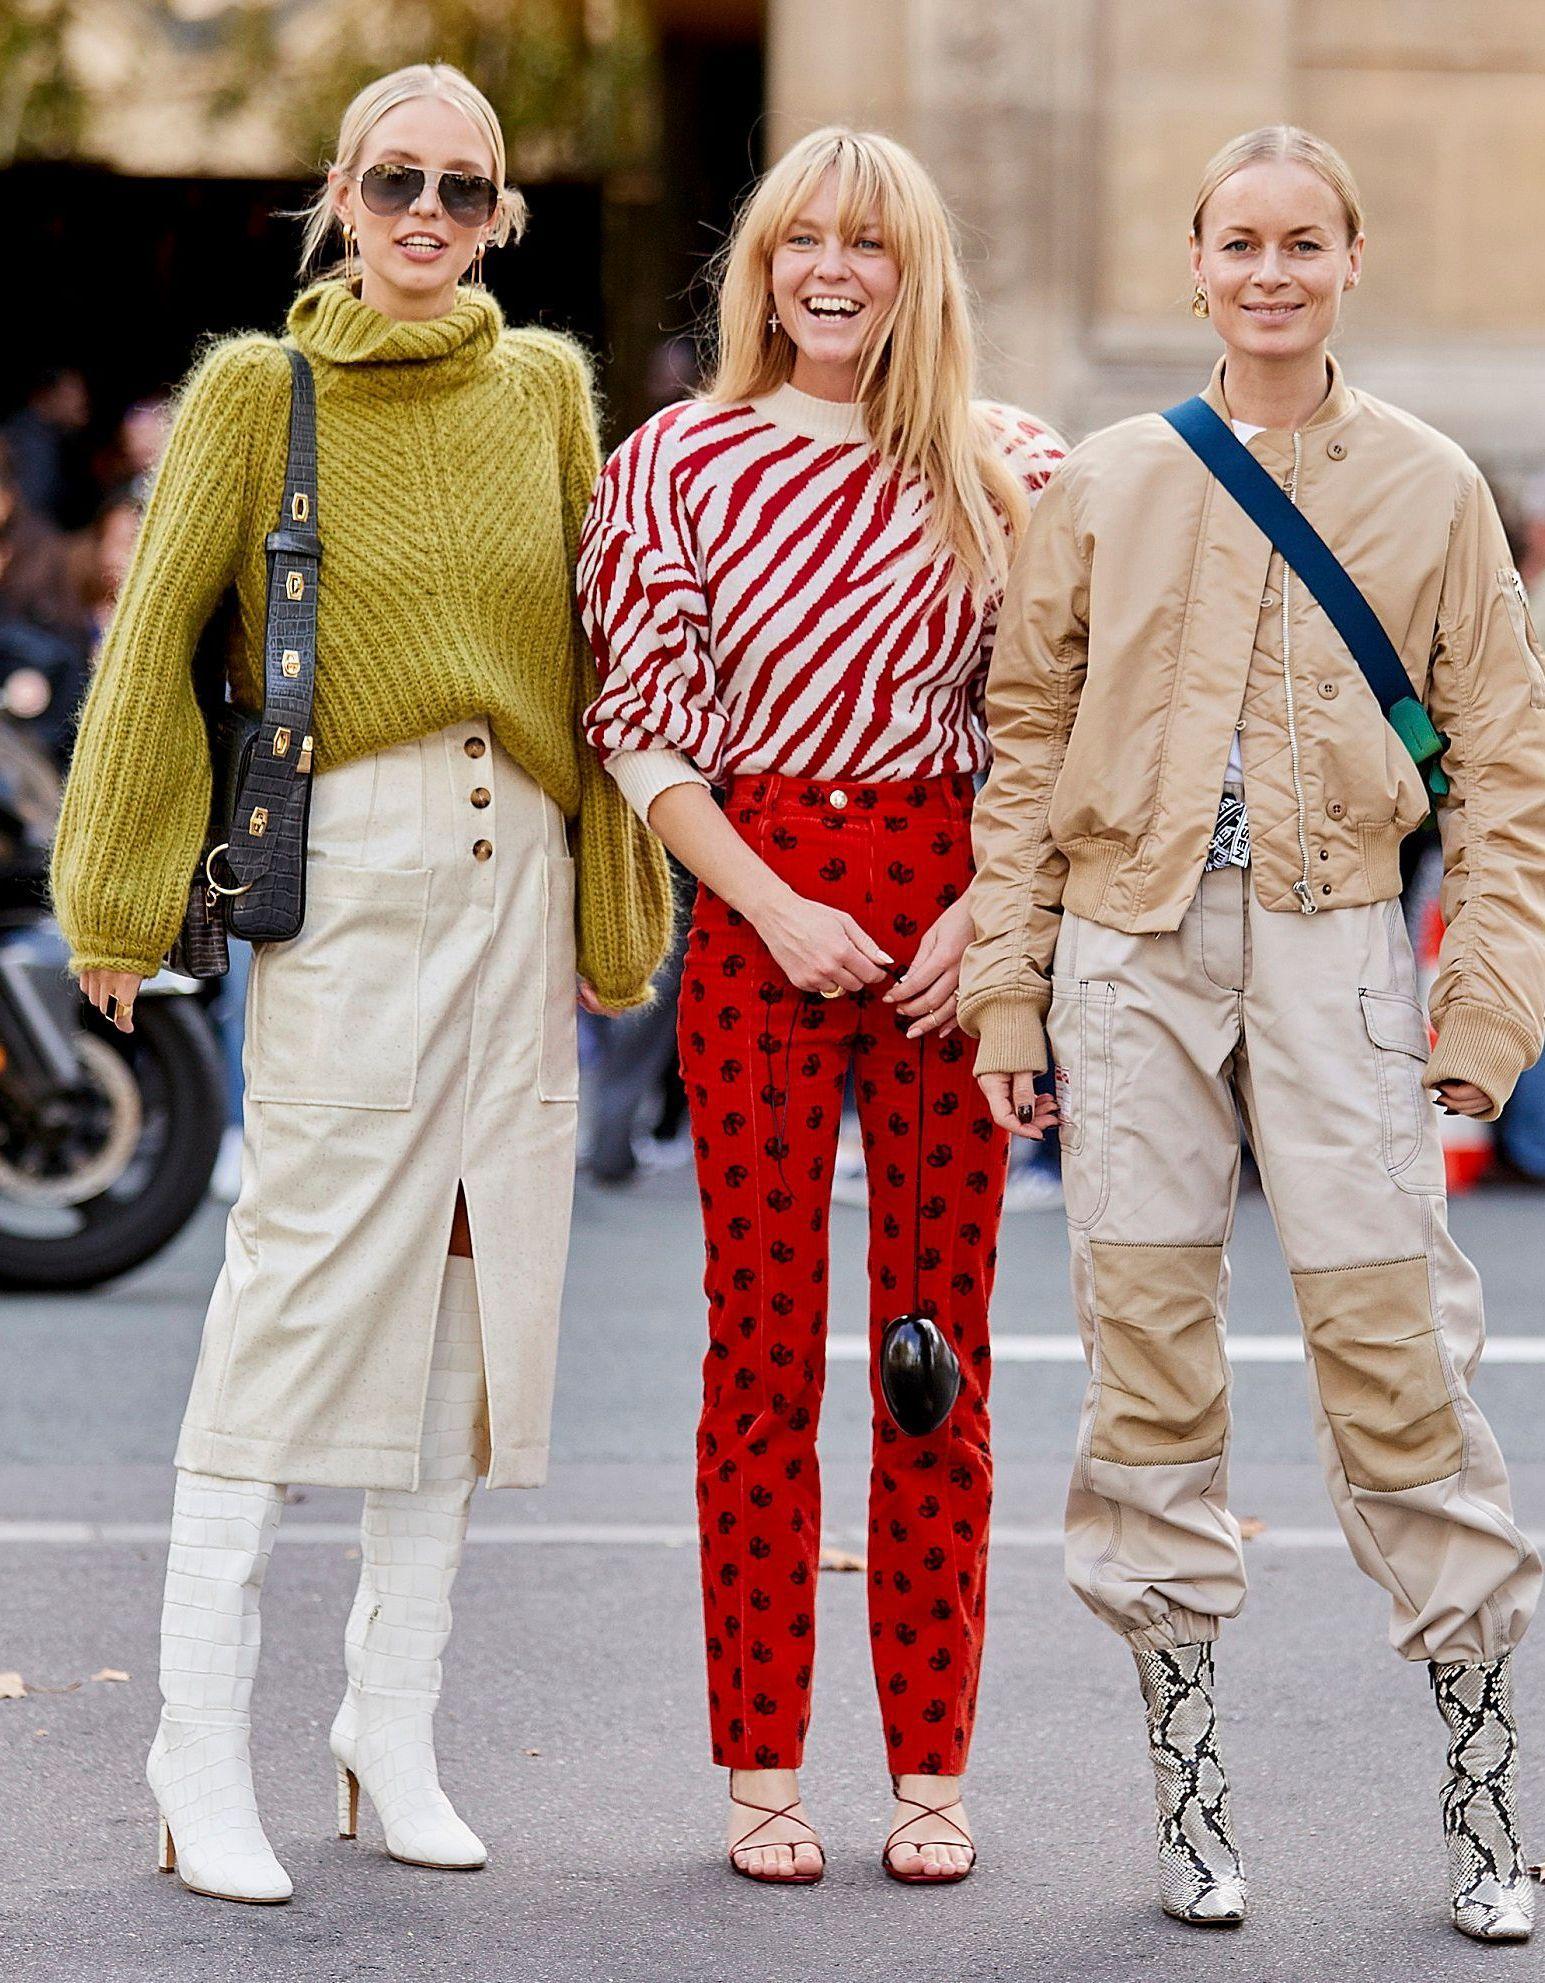 Cette veste Zara séduit les influenceuses du monde entier - Elle